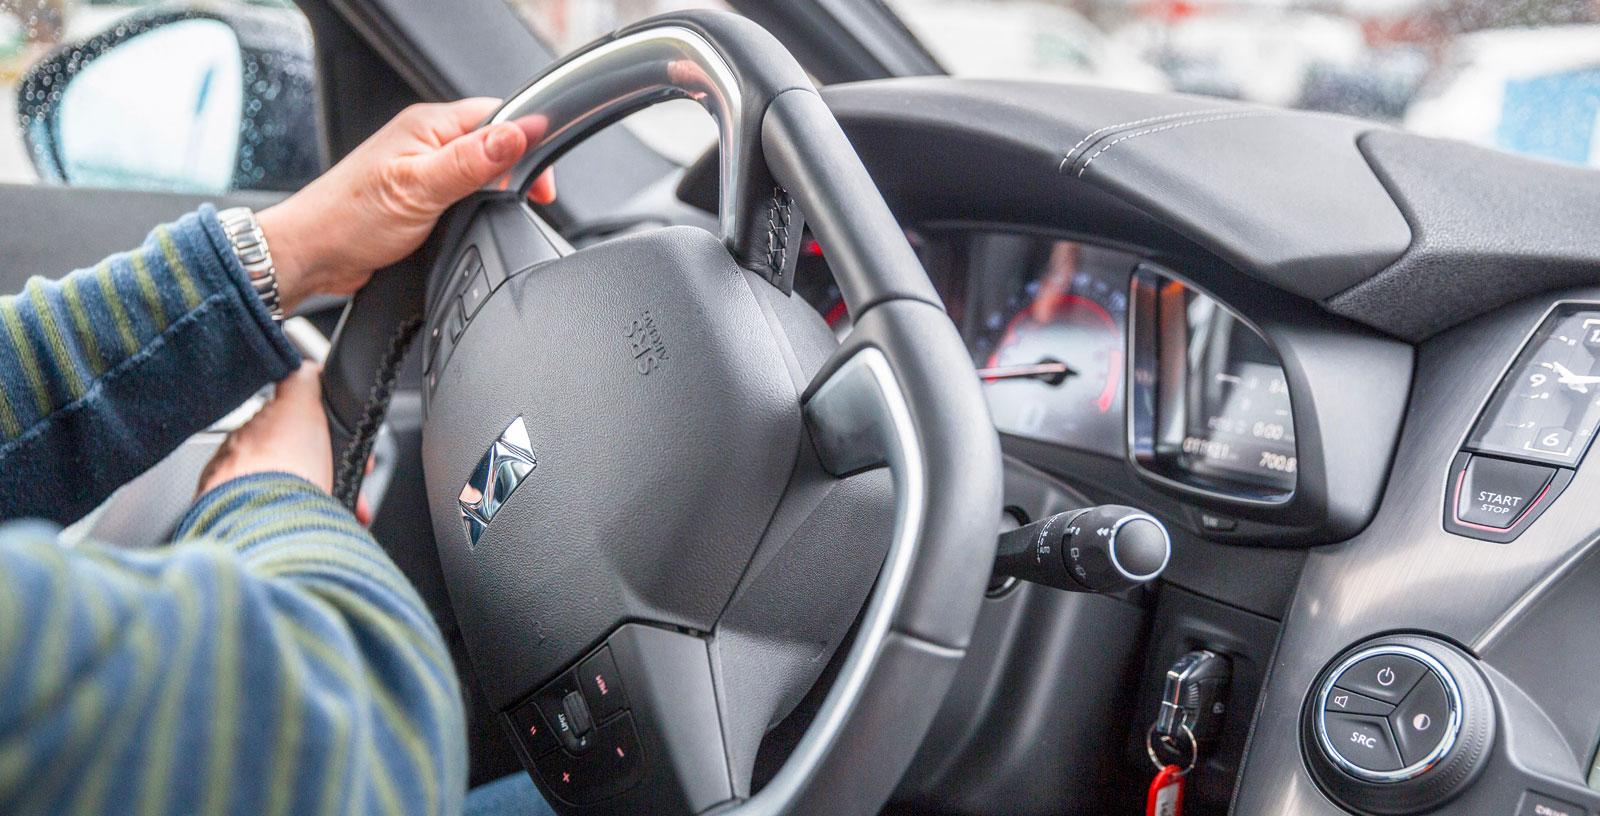 Testets mest avhuggna ratt må se tuff ut. Men finessen ställer till problem när stora rattrörelser krävs; exempelvis i p-manövrer.